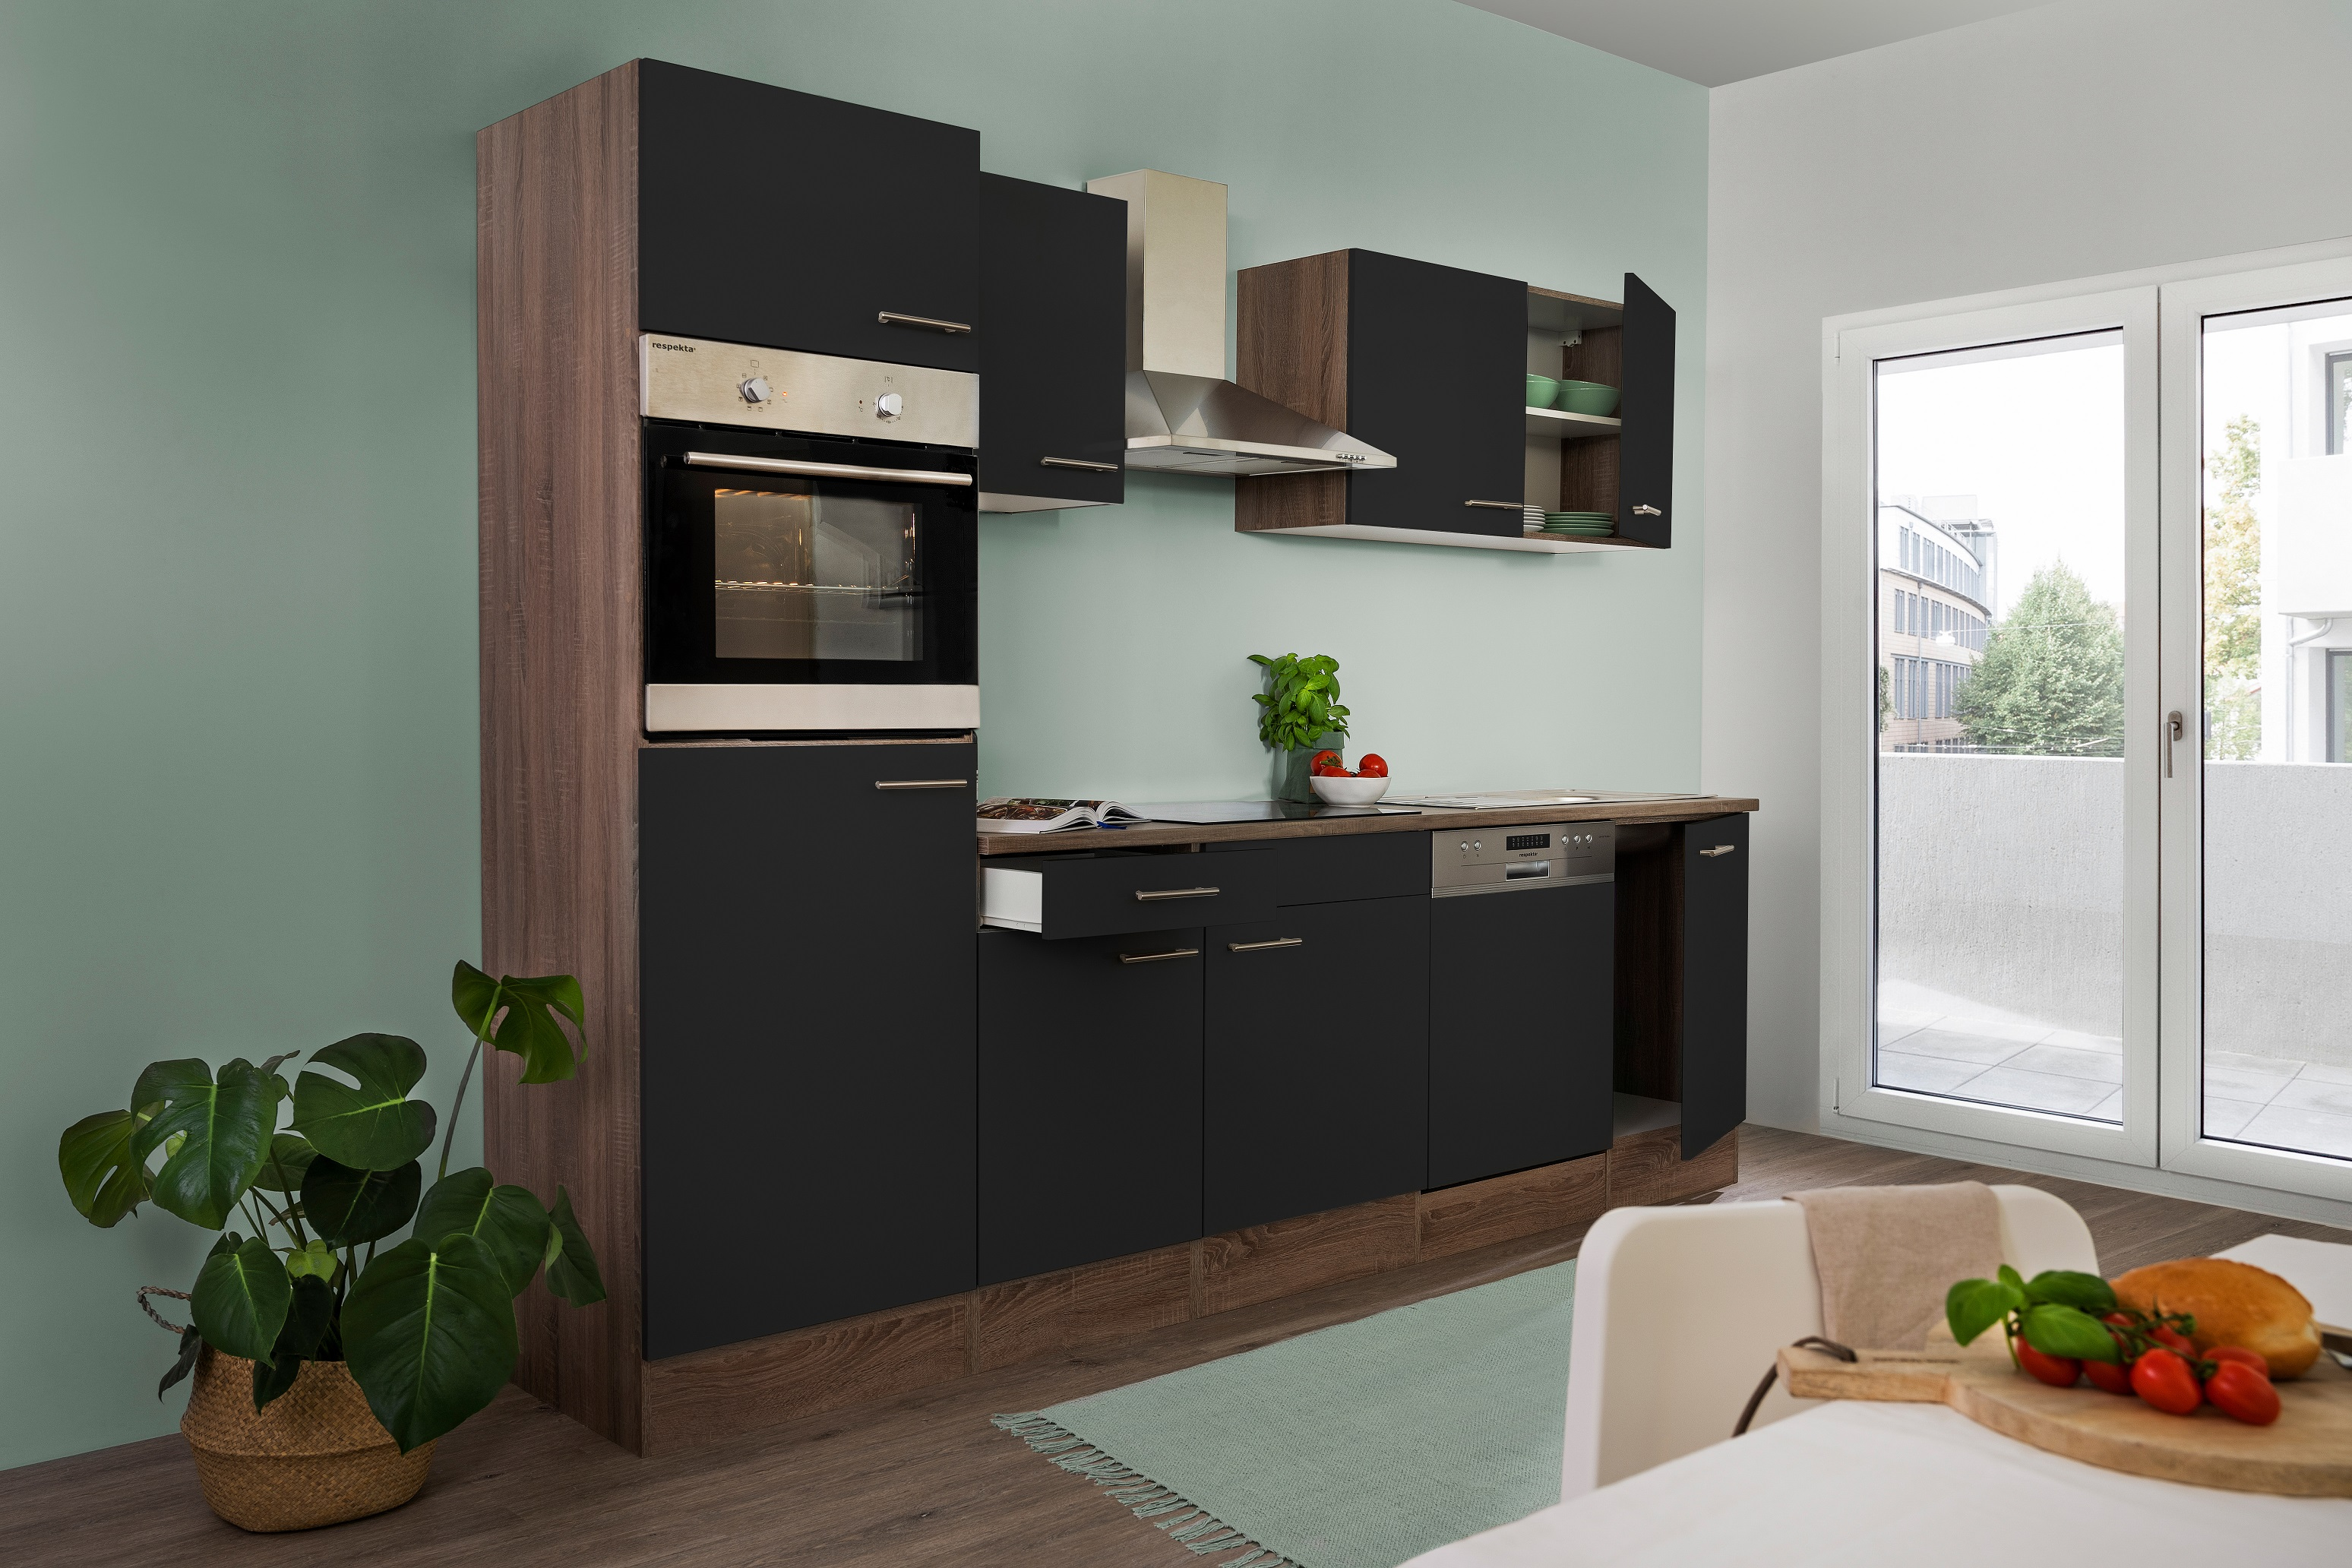 respekta Küchenzeile Küche Einbau Küchenblock Leerblock 280cm Eiche York schwarz